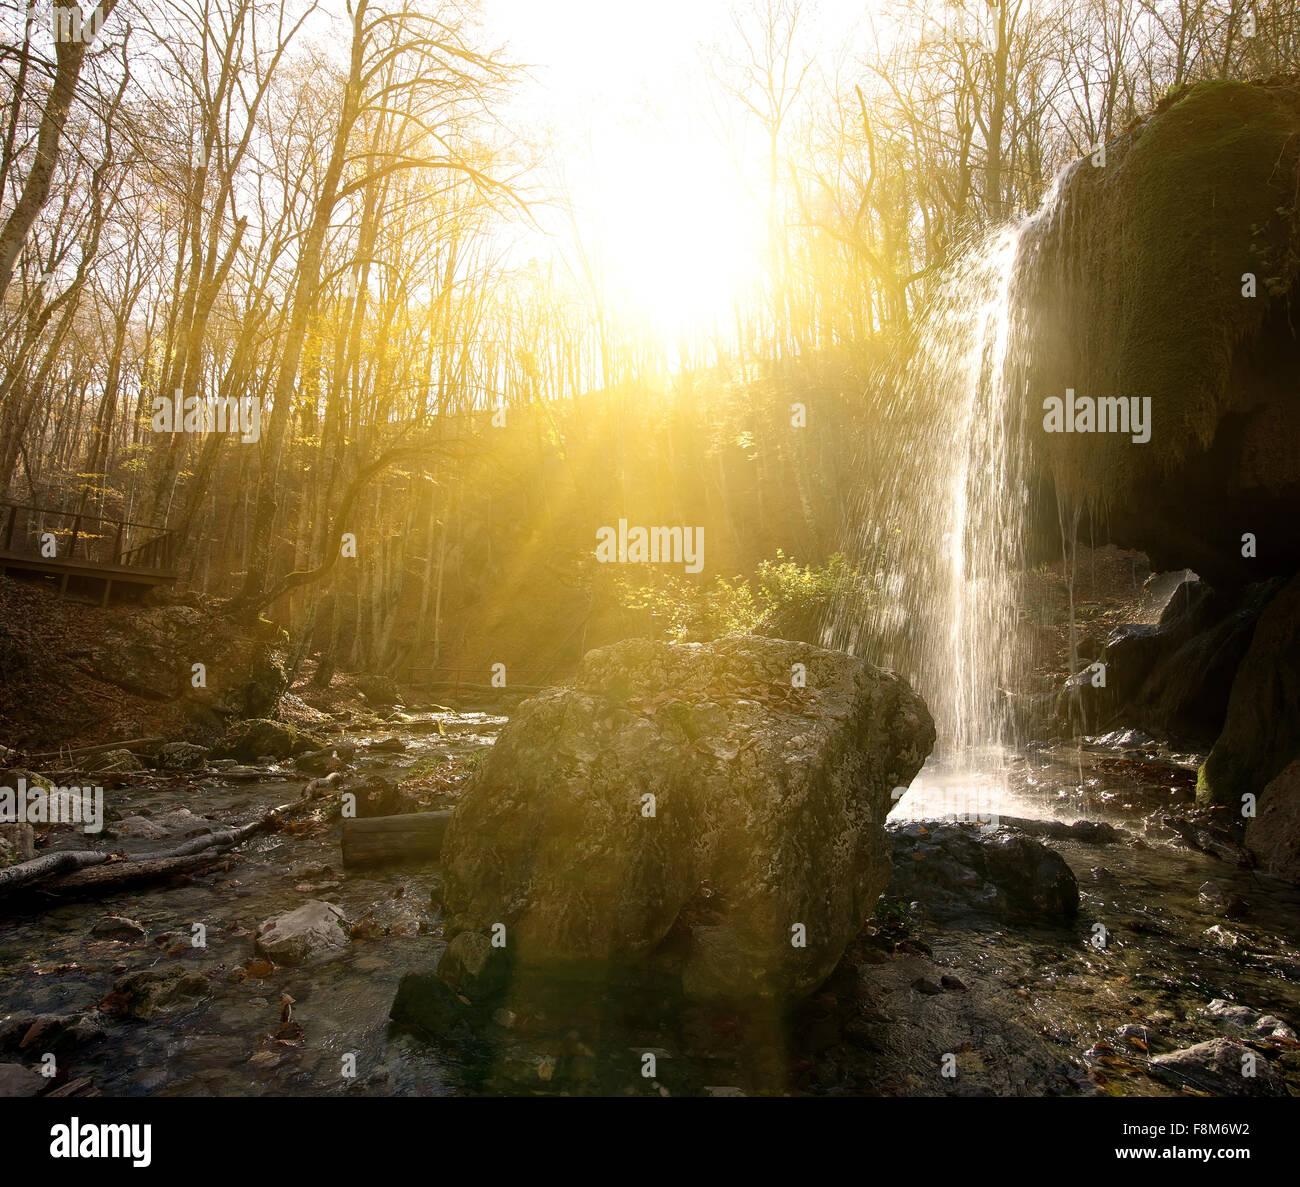 Cascada en la madera en la soleada mañana Imagen De Stock